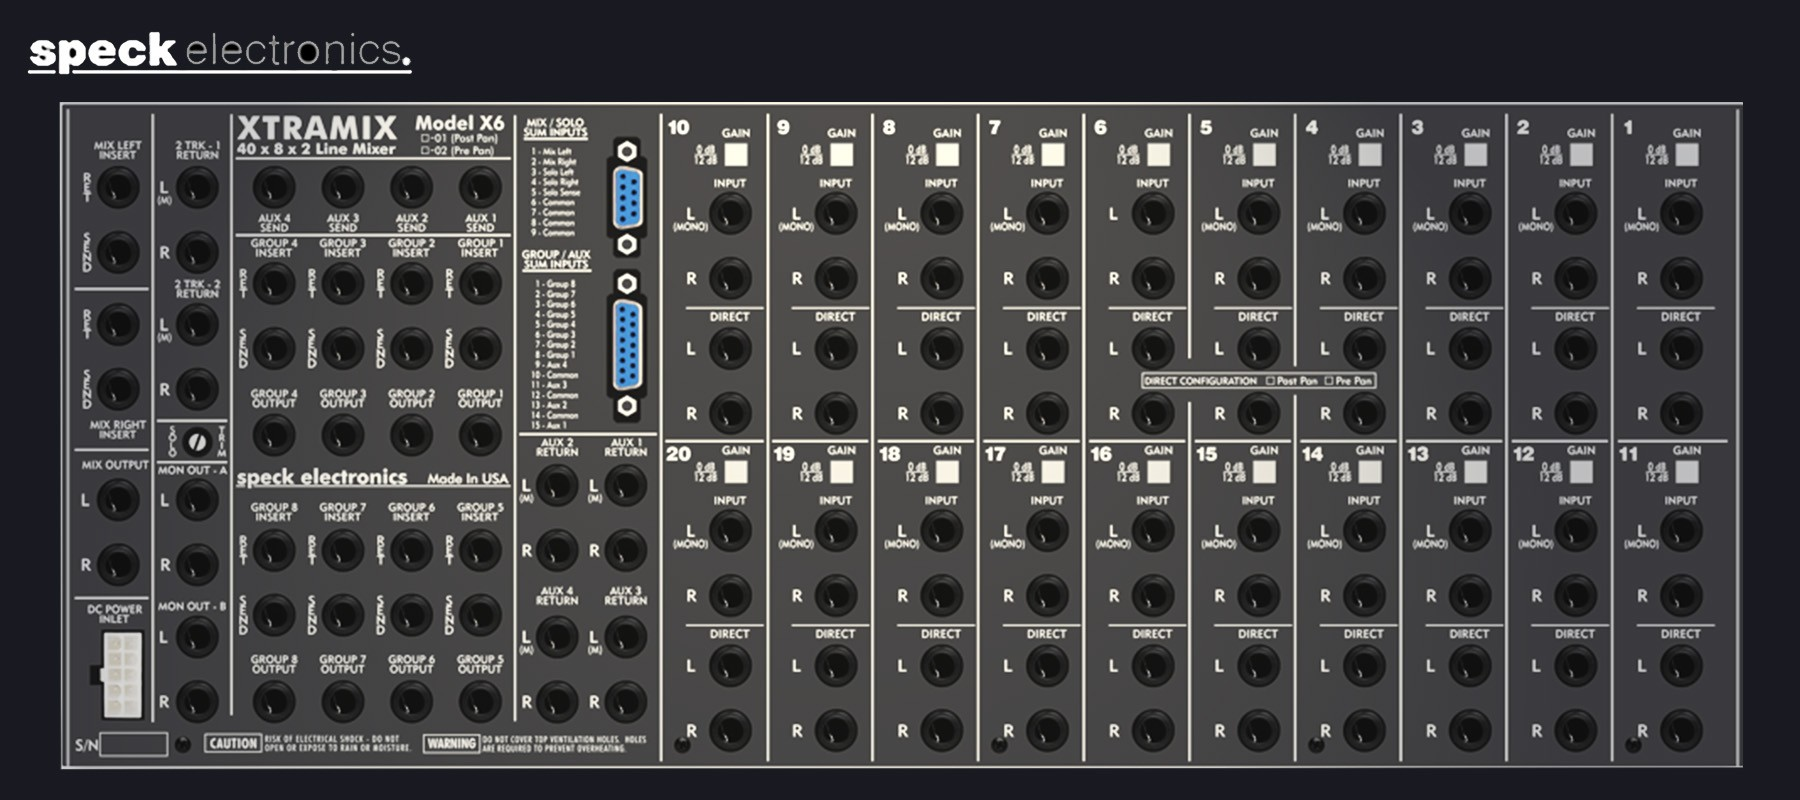 Speck Electronics Xtramix X6 - Back